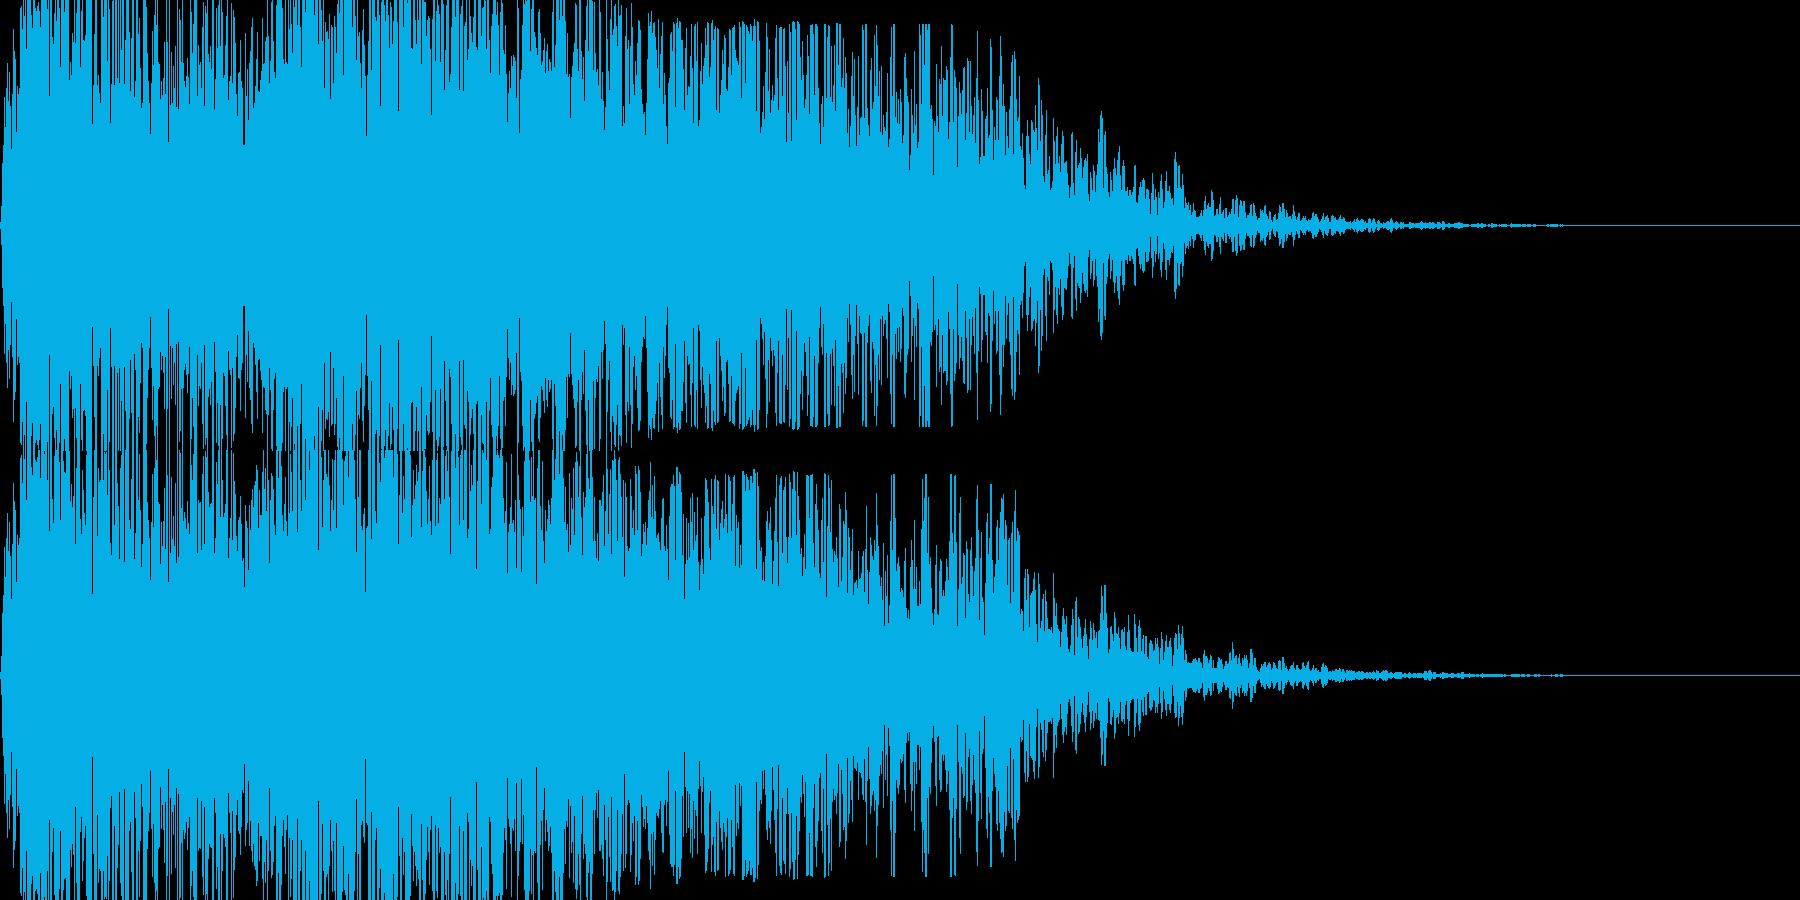 ドカーン(大爆発)のインパクト音の再生済みの波形